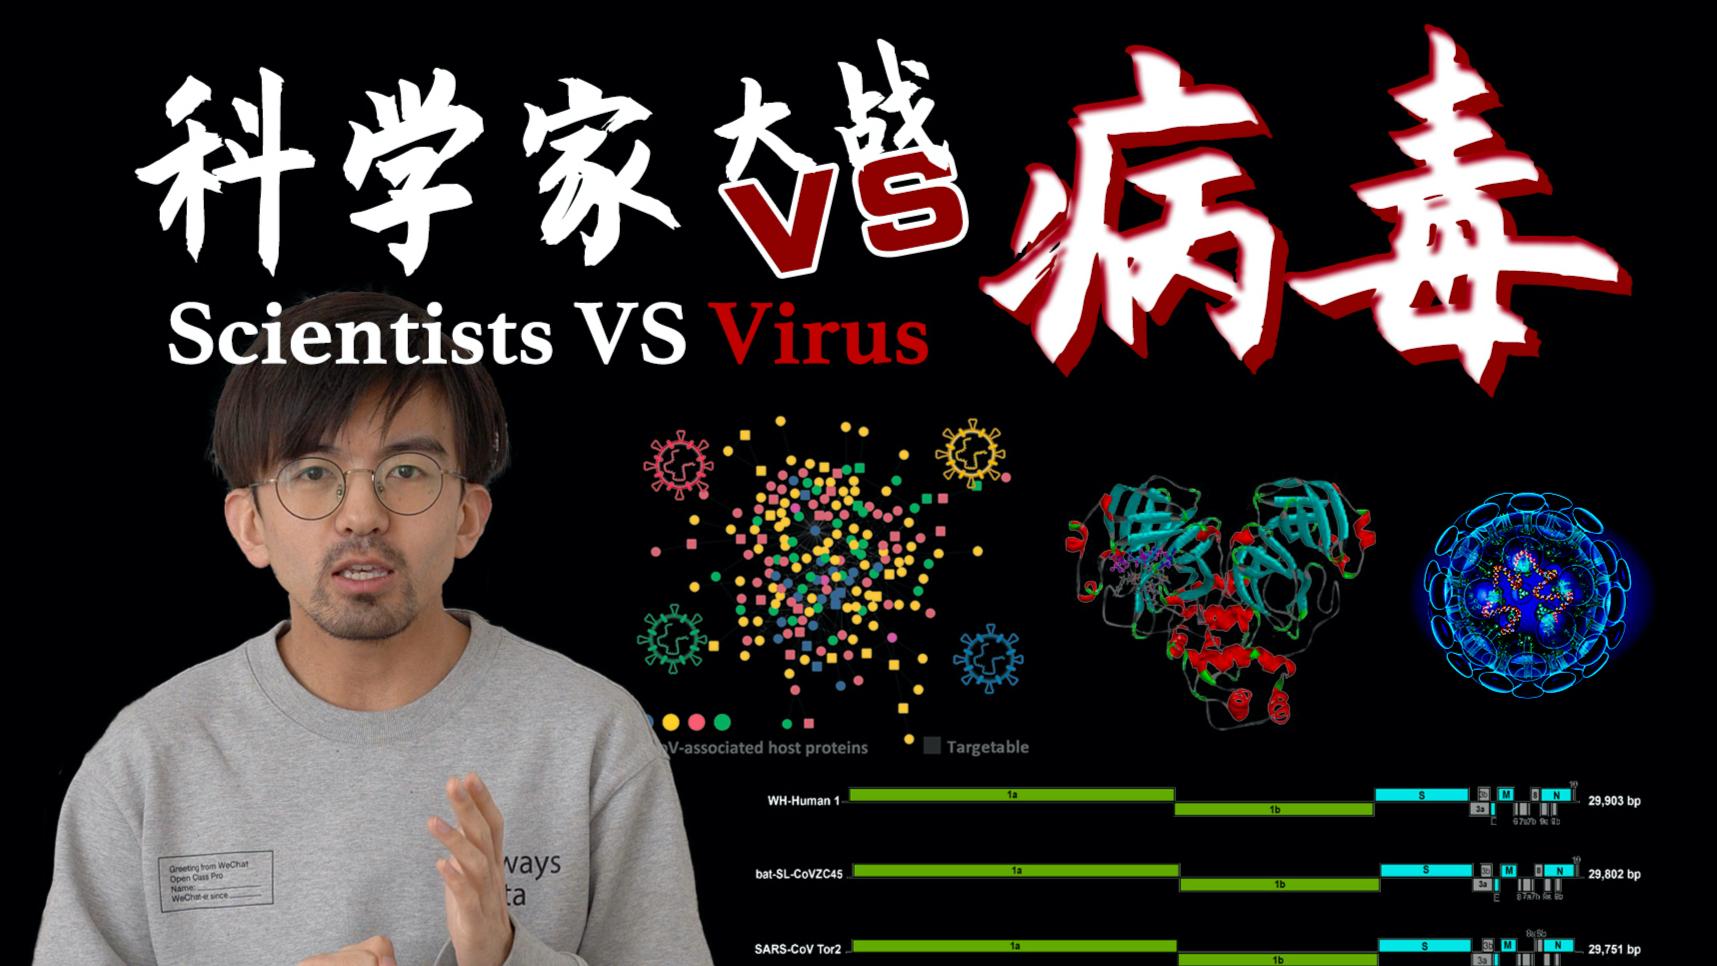 科学家光写论文不抗疫情?几分钟带你看完新冠病毒的所有论文